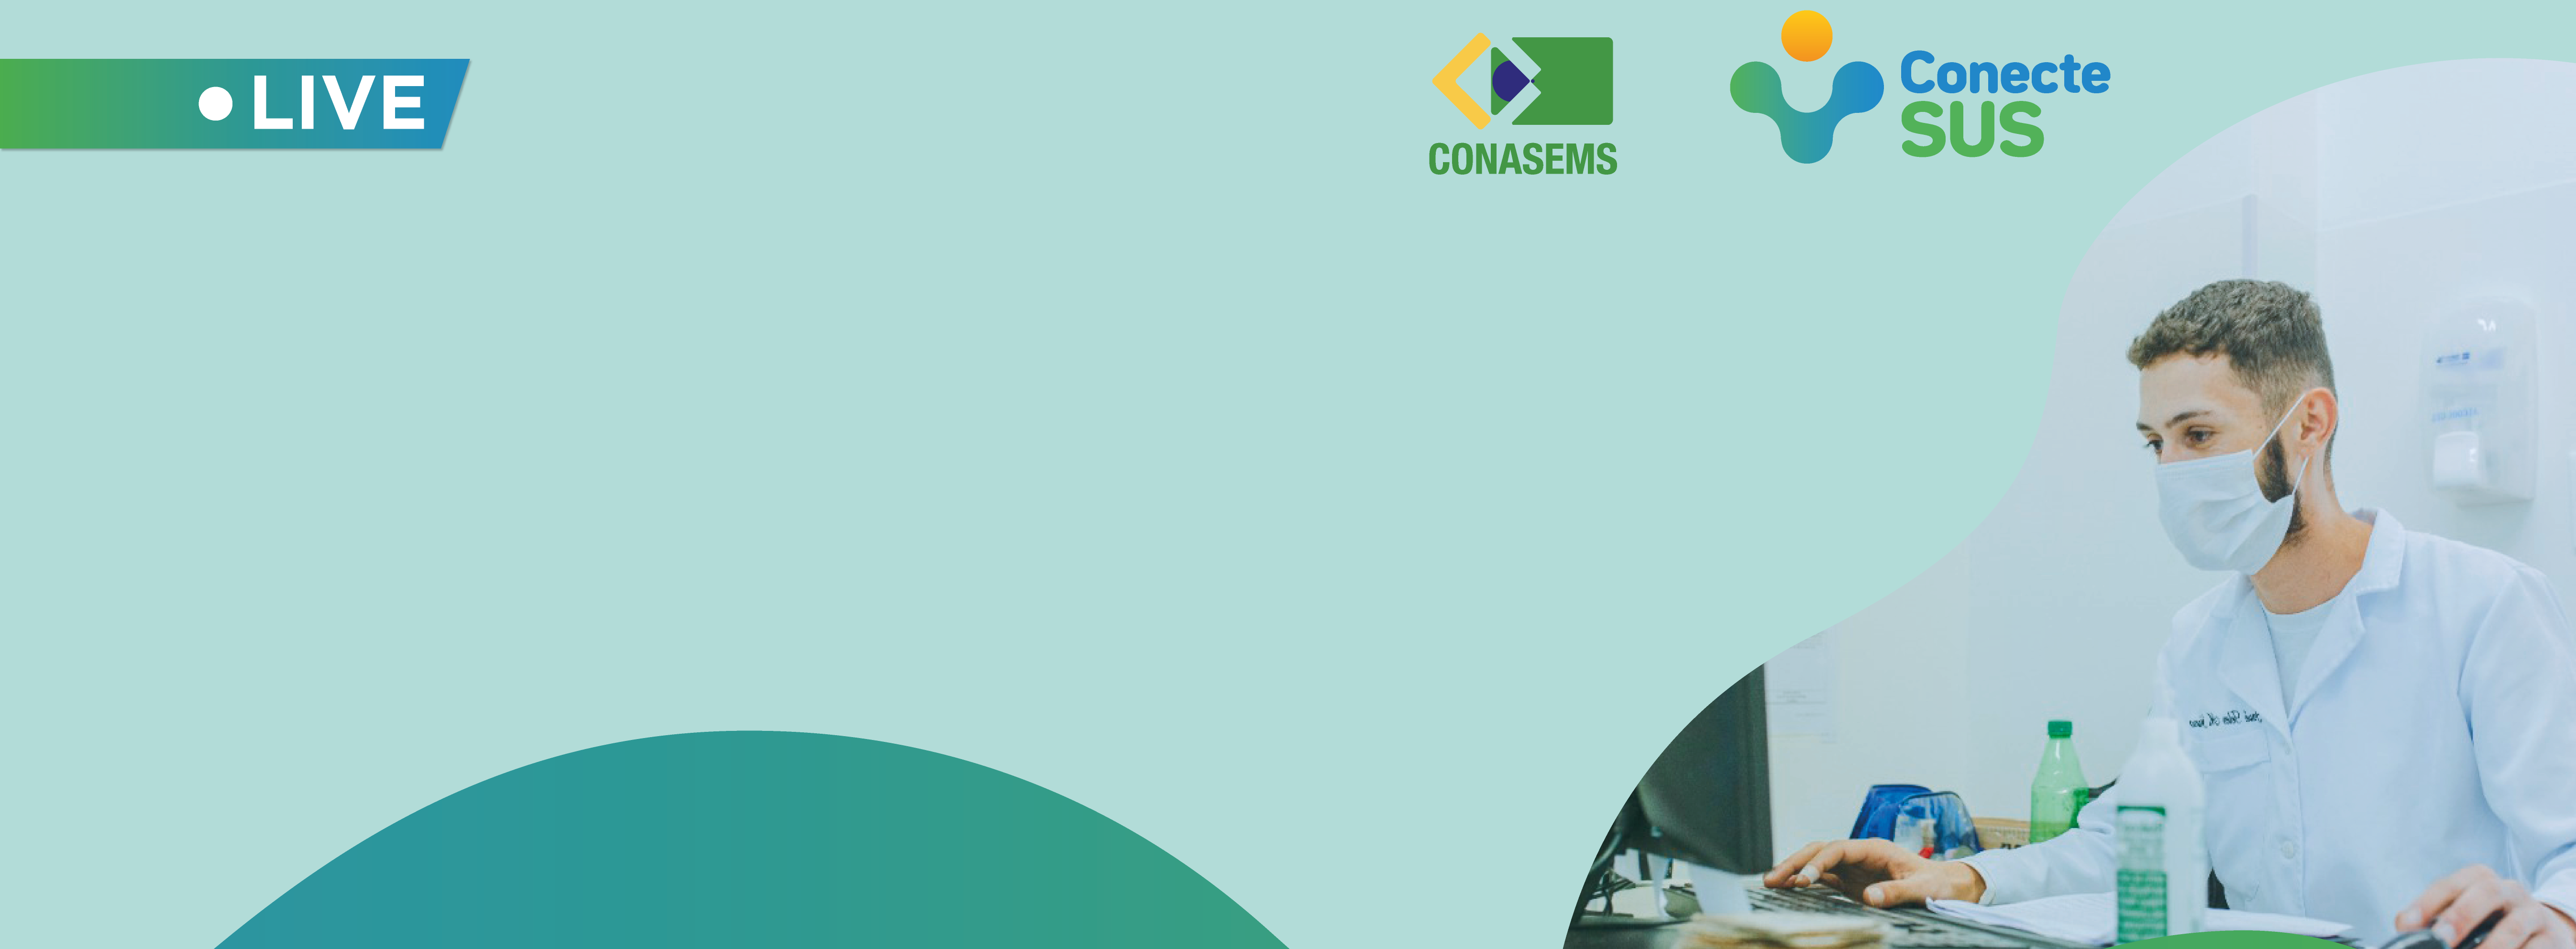 Live: Conasems, DATASUS e SAPS dão orientações sobre o ConecteSUS Profissional